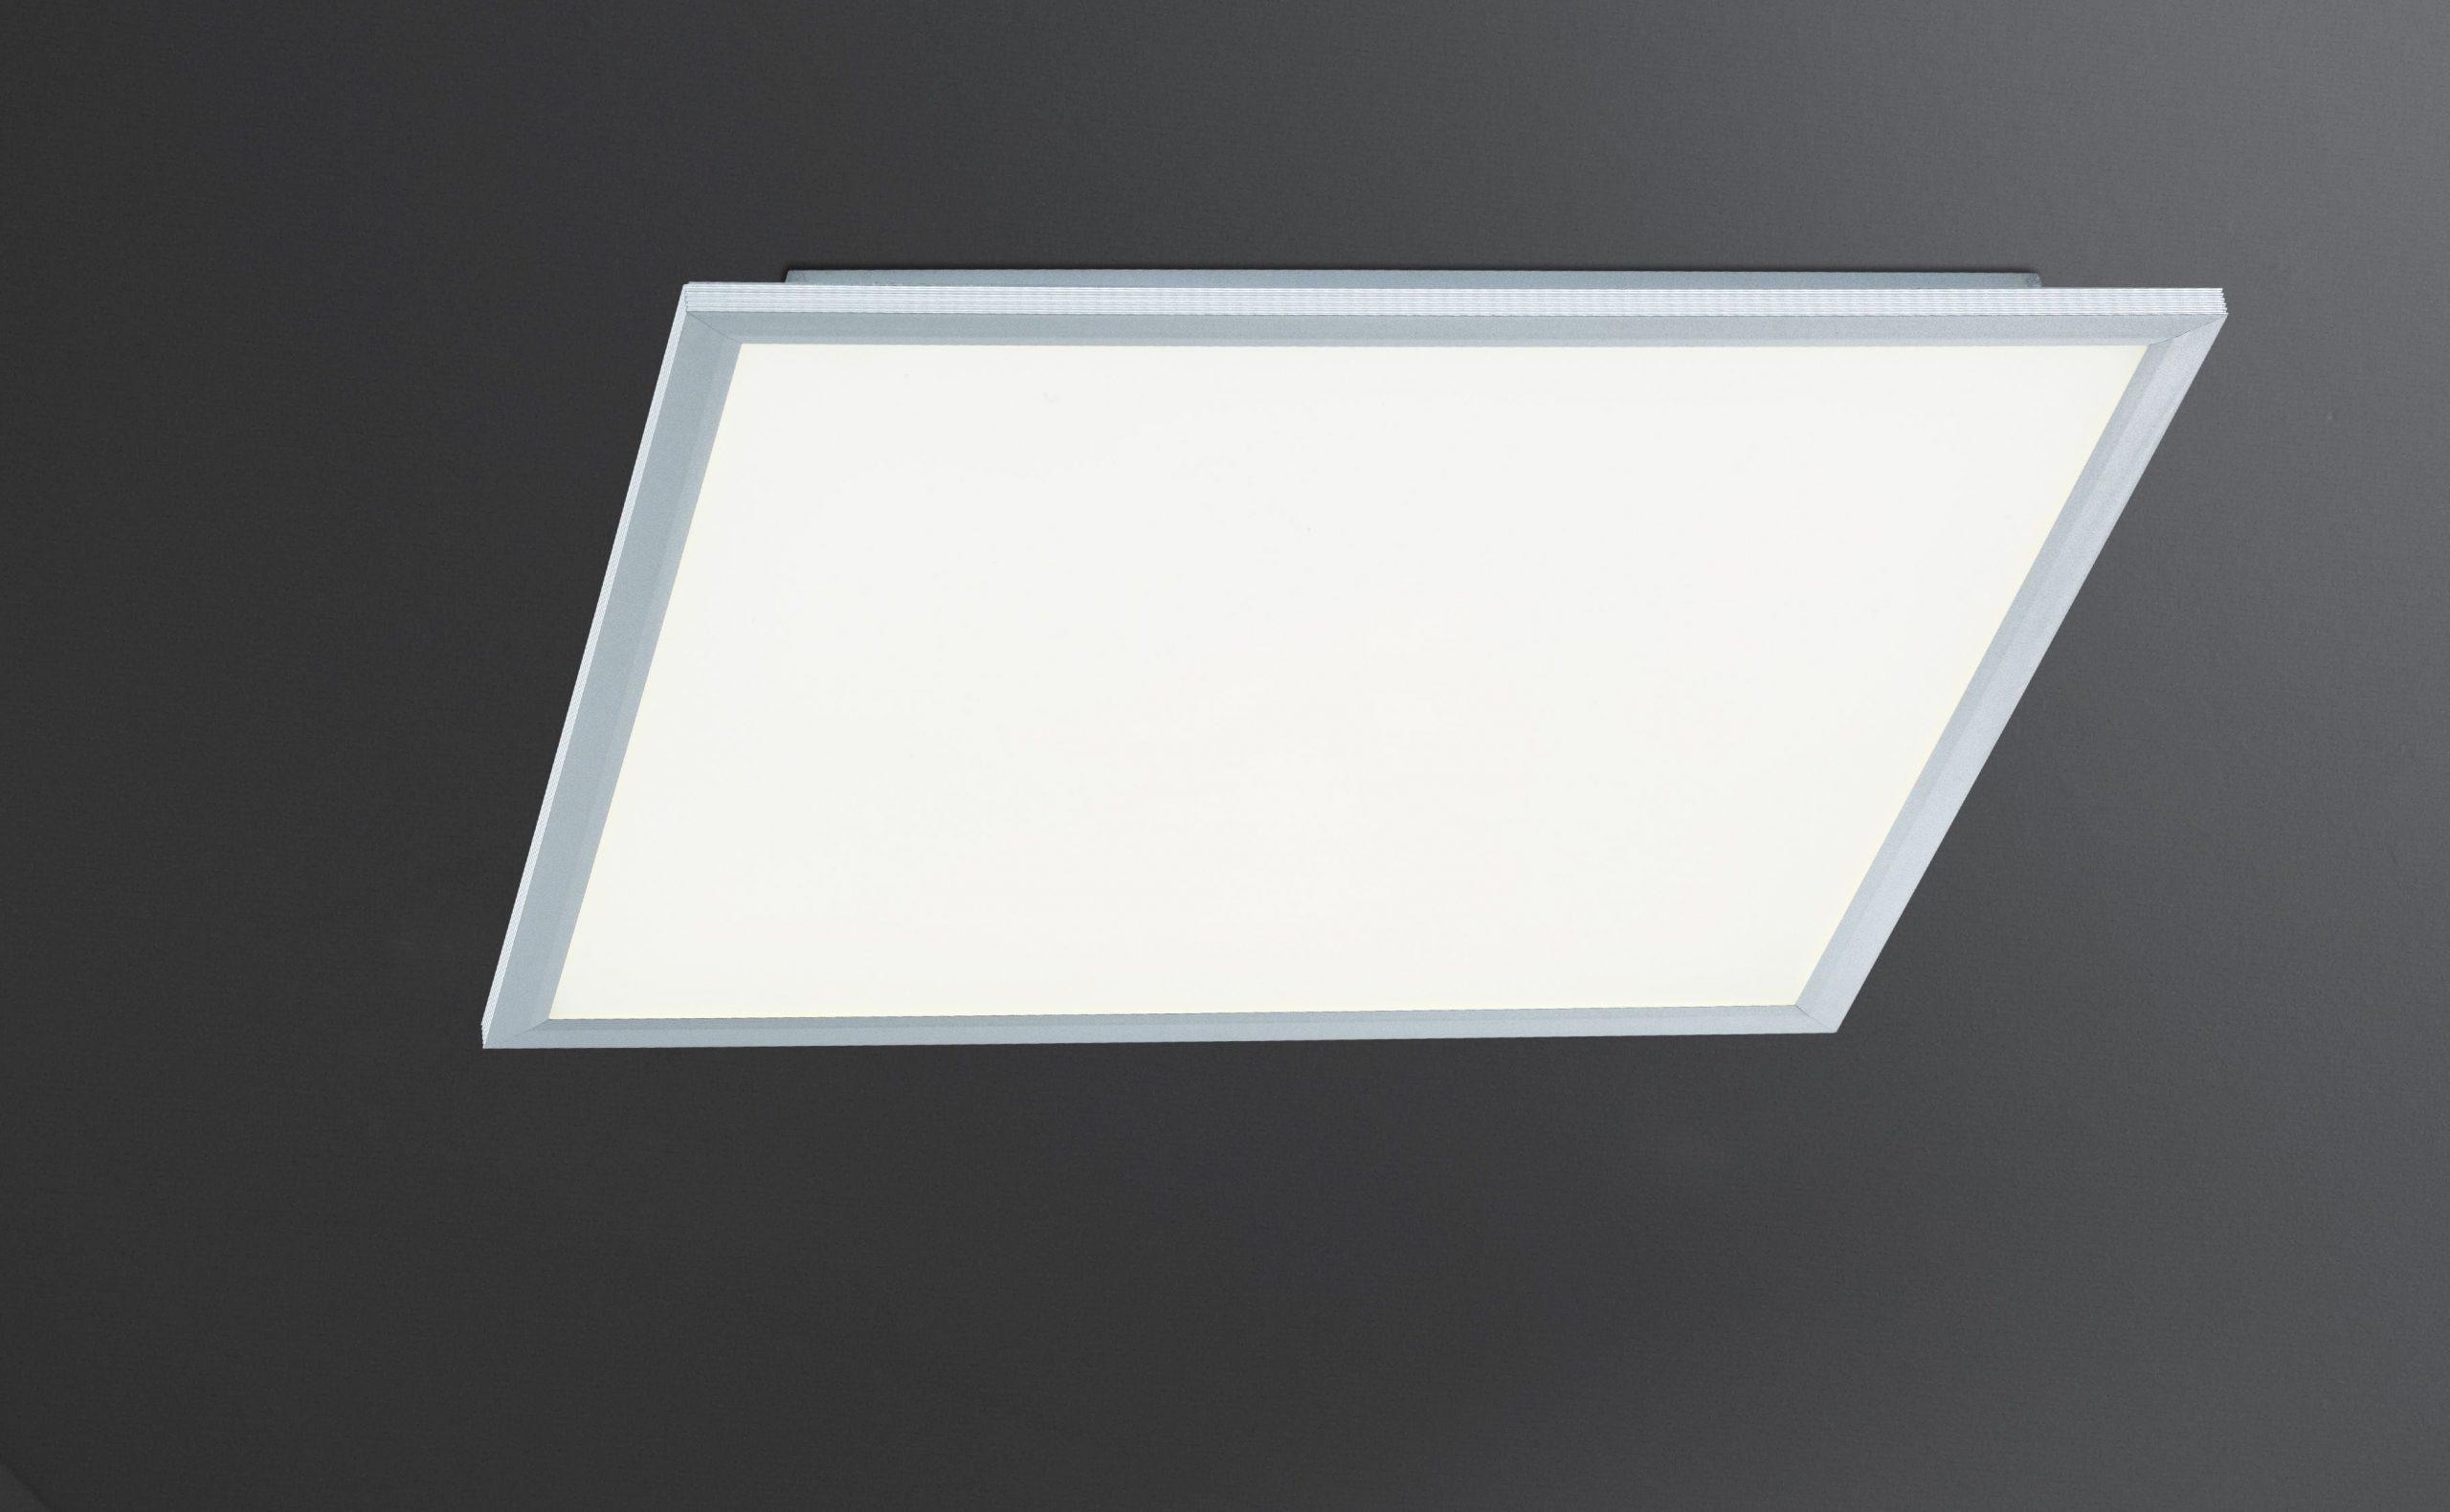 Full Size of Küchenlampen Led Lampen Kaufen Kchenlampen Decke Luxus Wohnzimmer Küchenlampen